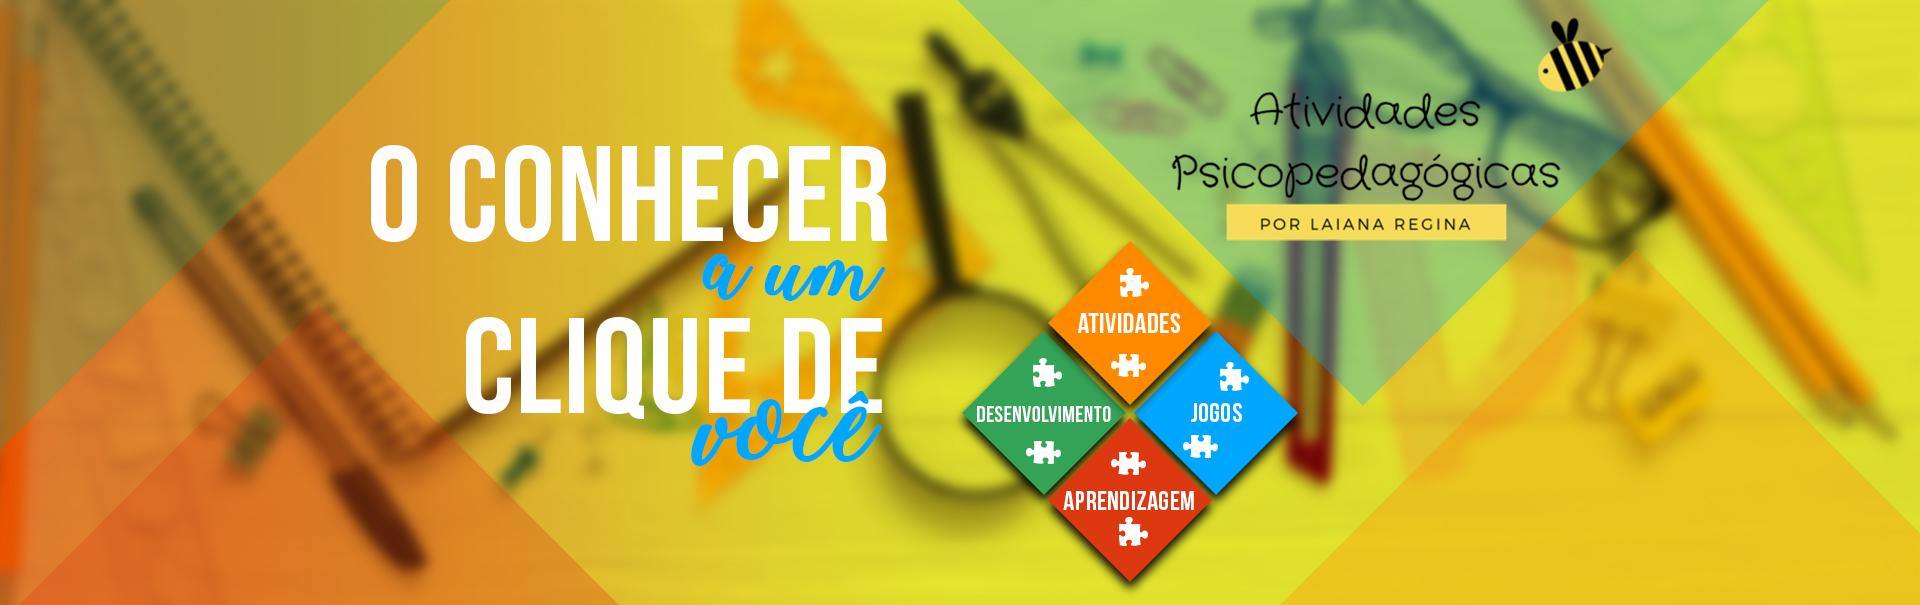 atividades psicopedagogicas